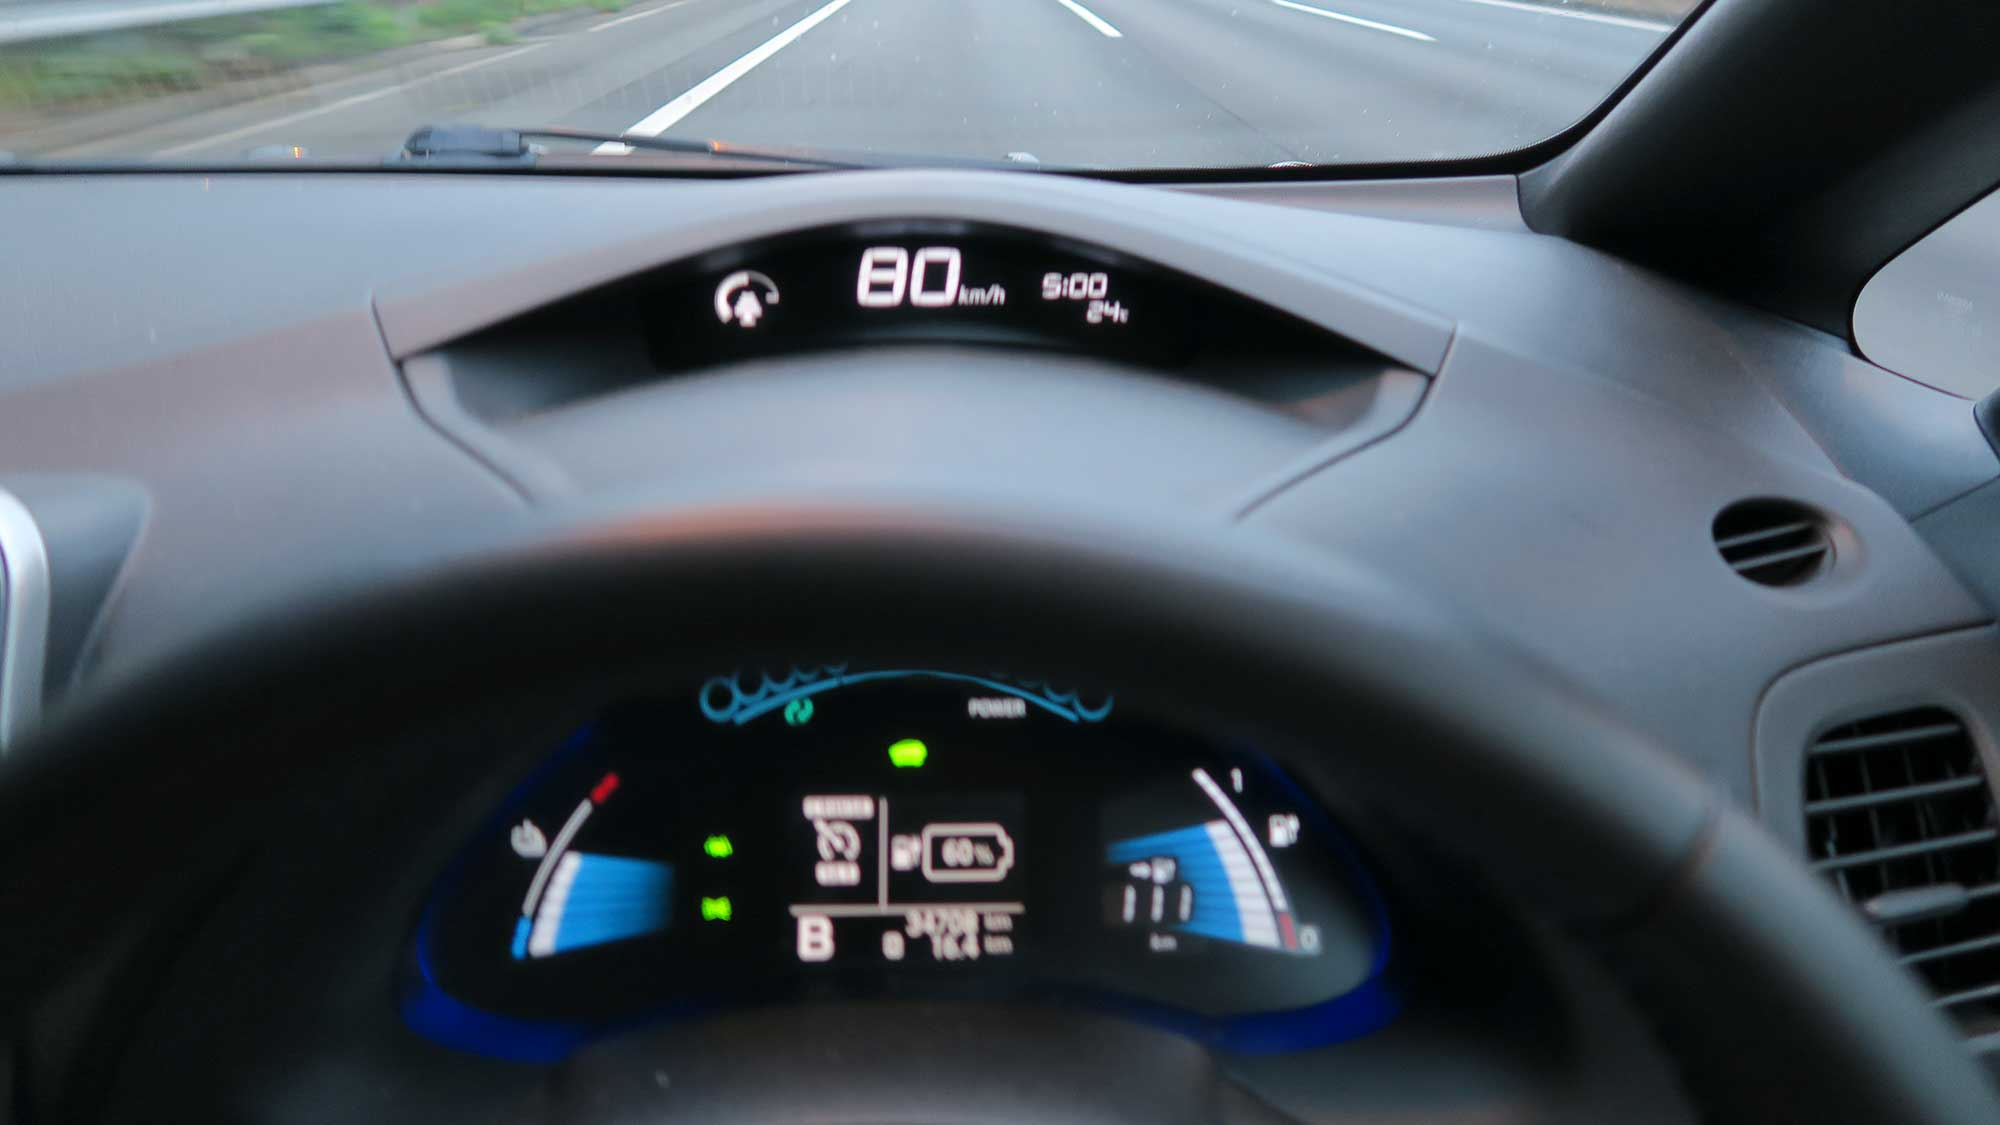 電気自動車の電費と巡航速度〜80km/hと100km/h でどのくらい違うか試し ...